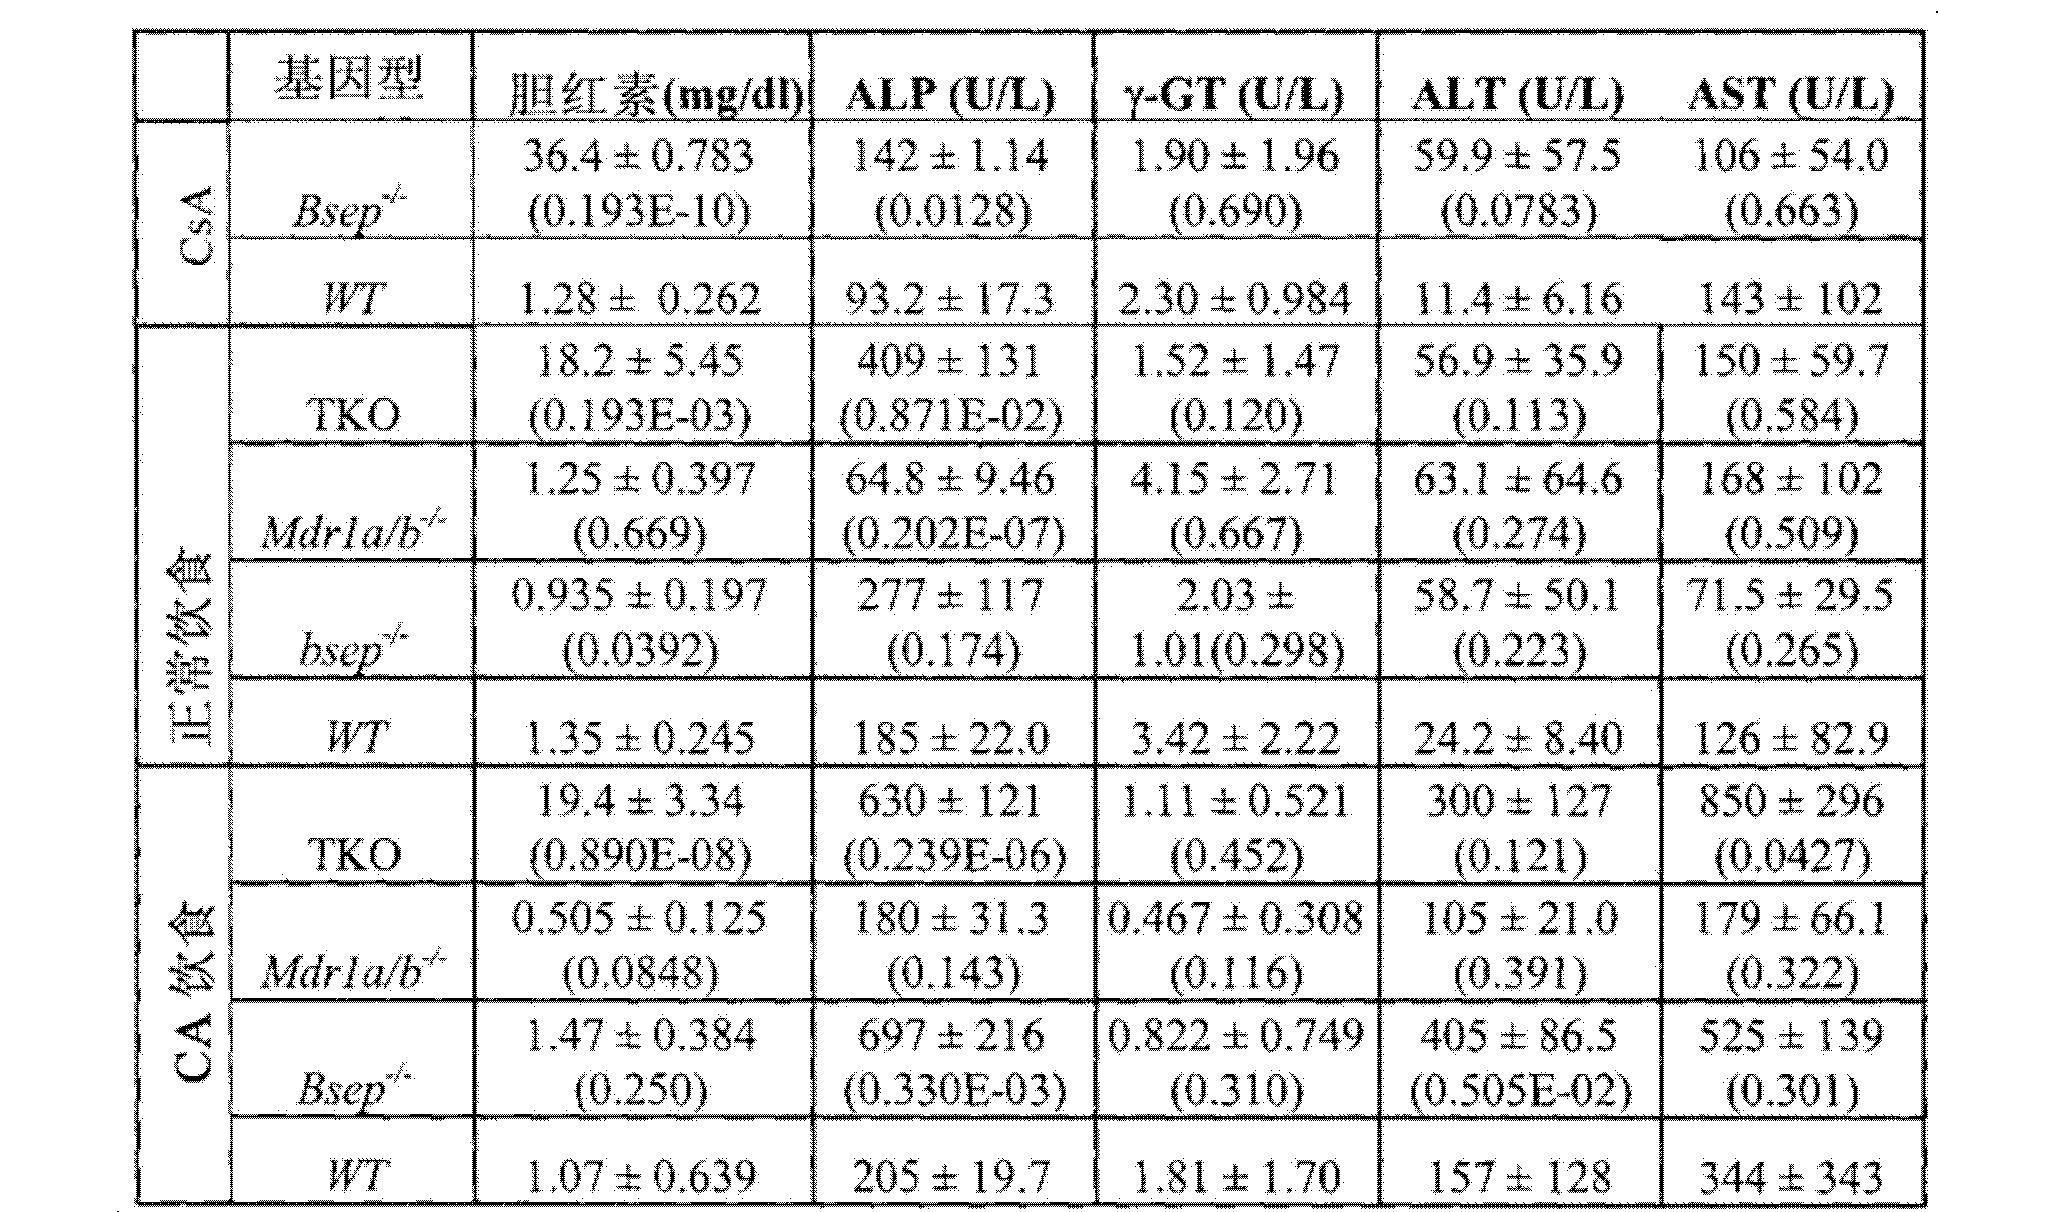 天冬氨酸氨基转移酶_CN102712672A - 用于治疗胆疾病的多羟基化胆汁酸 - Google Patents